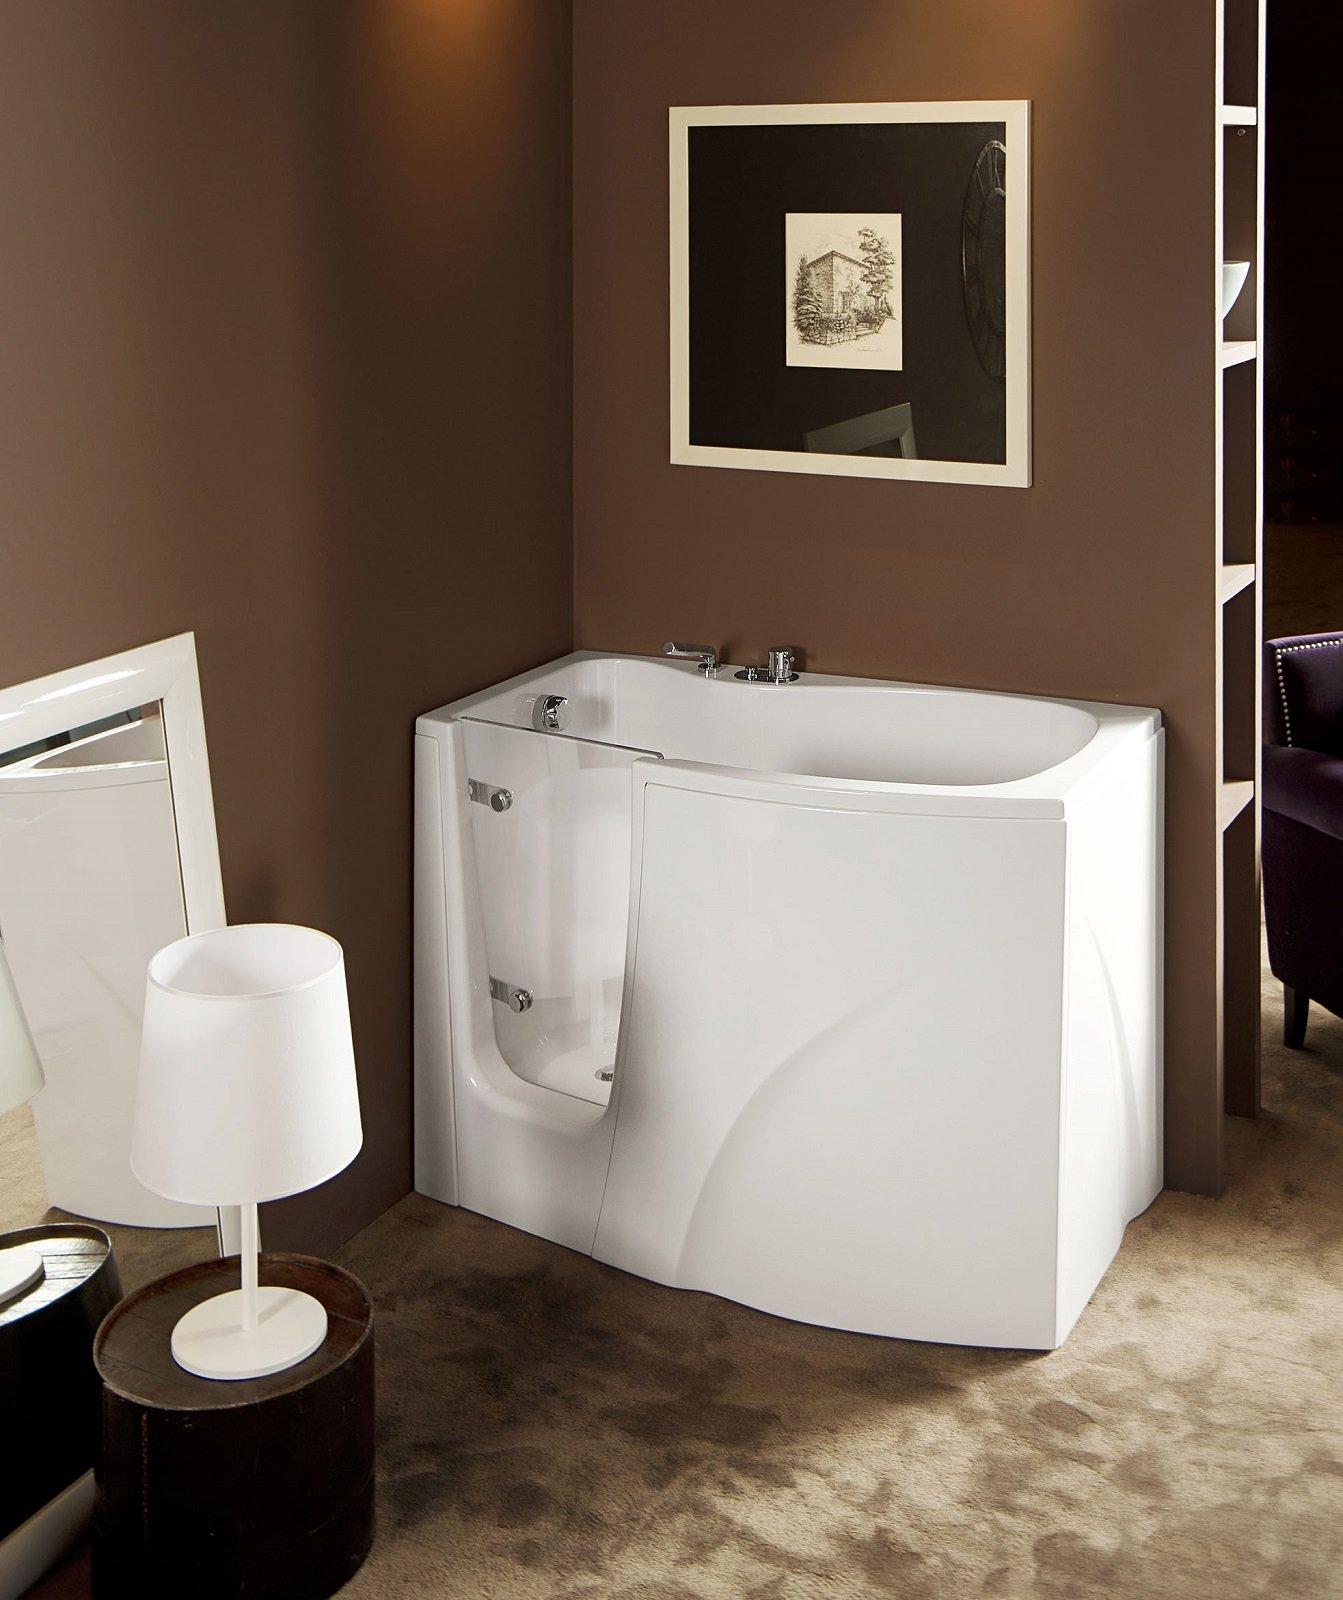 Vasche piccole dalle dimensioni compatte e svariate misure - Vasche da bagno piccole con seduta ...